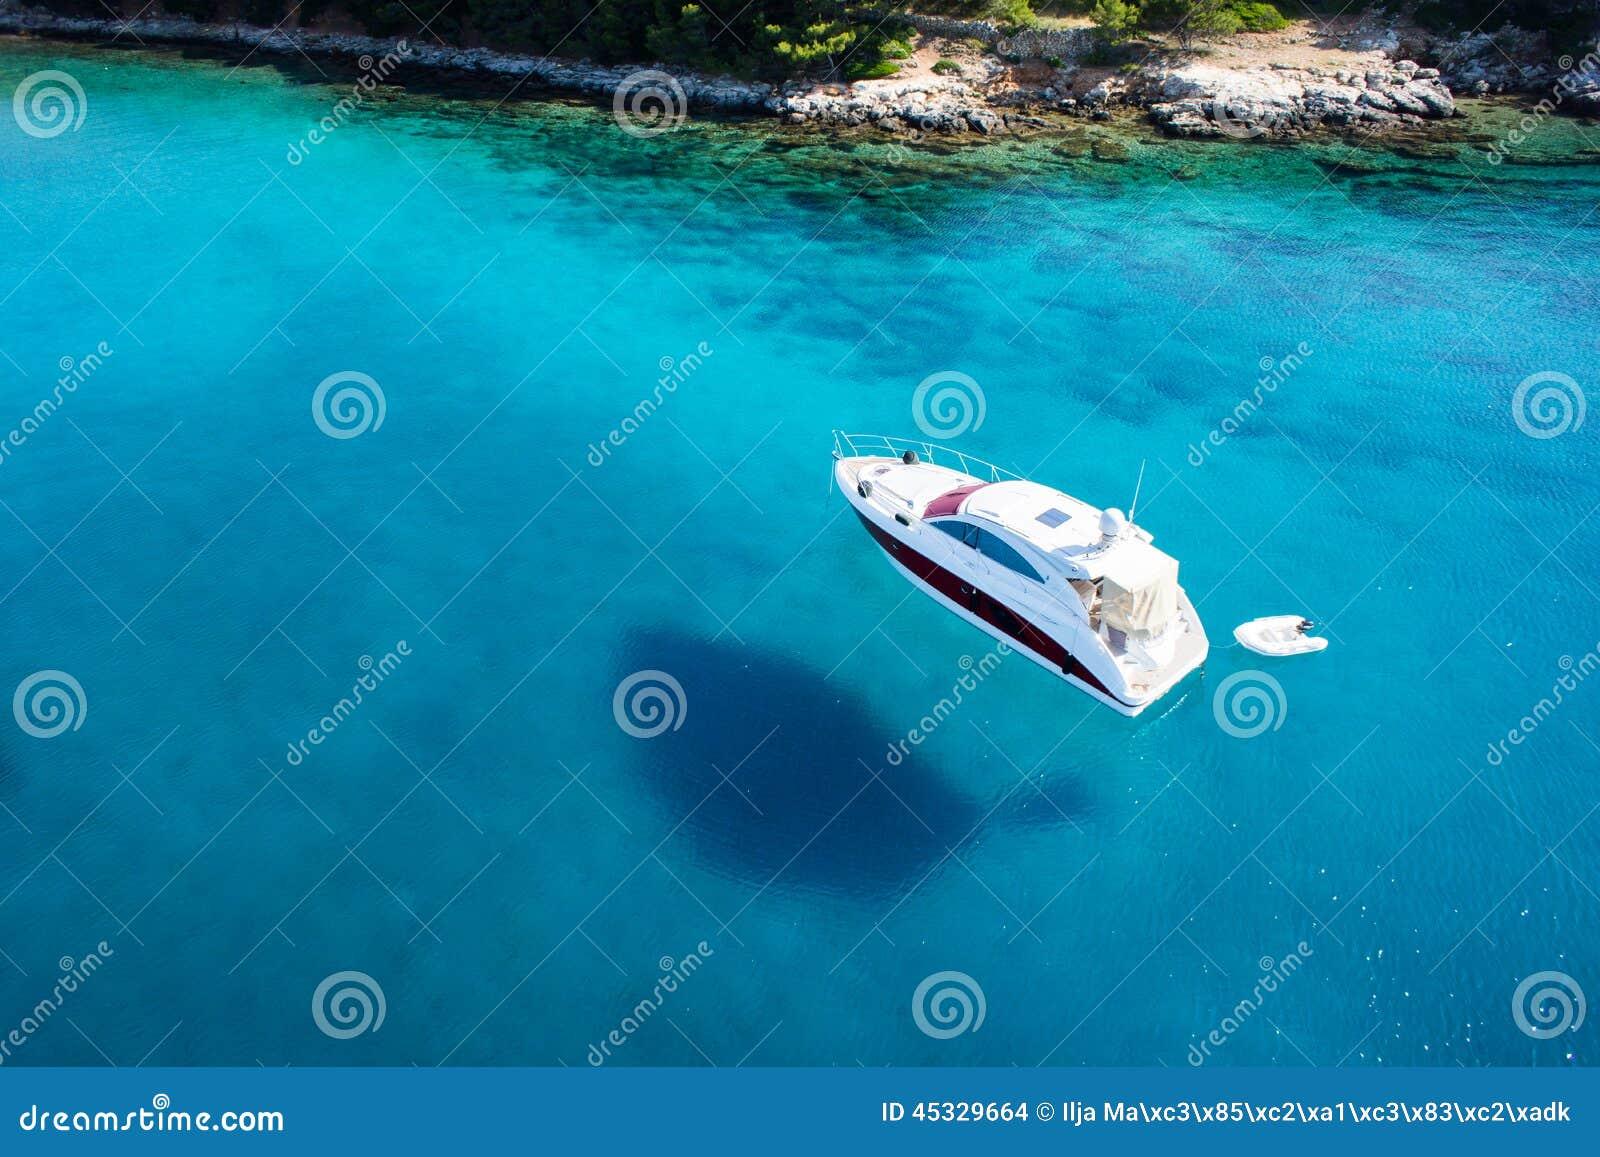 Zadziwiający widok łódź, jasny woda - karaibski raj